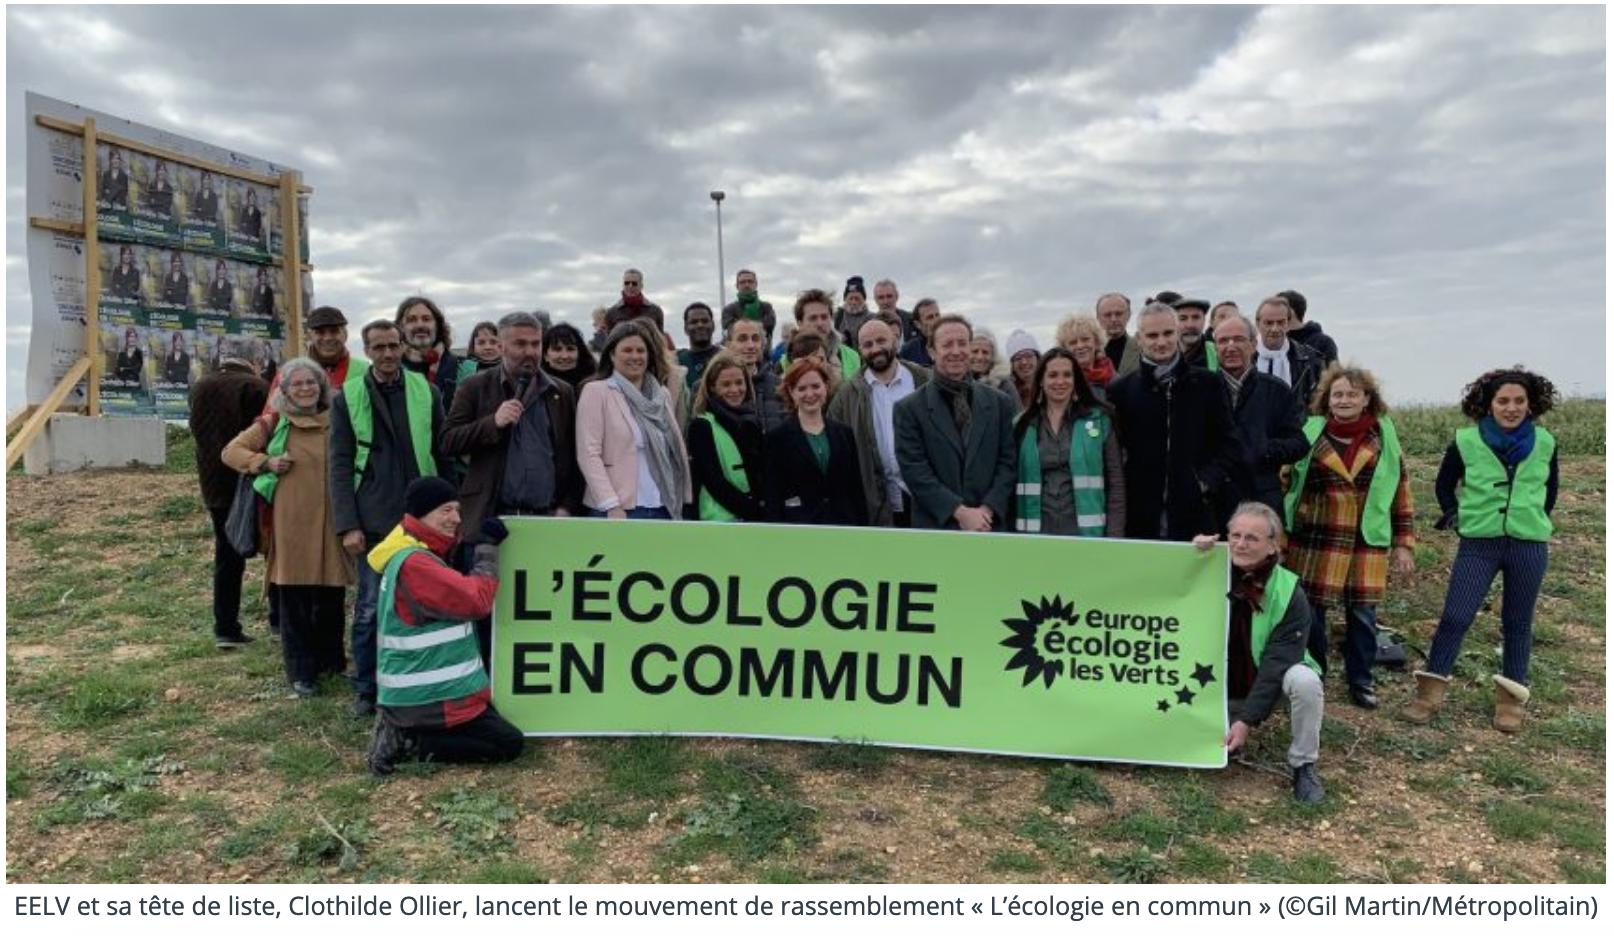 actu.fr l'écologie en commun montpellier